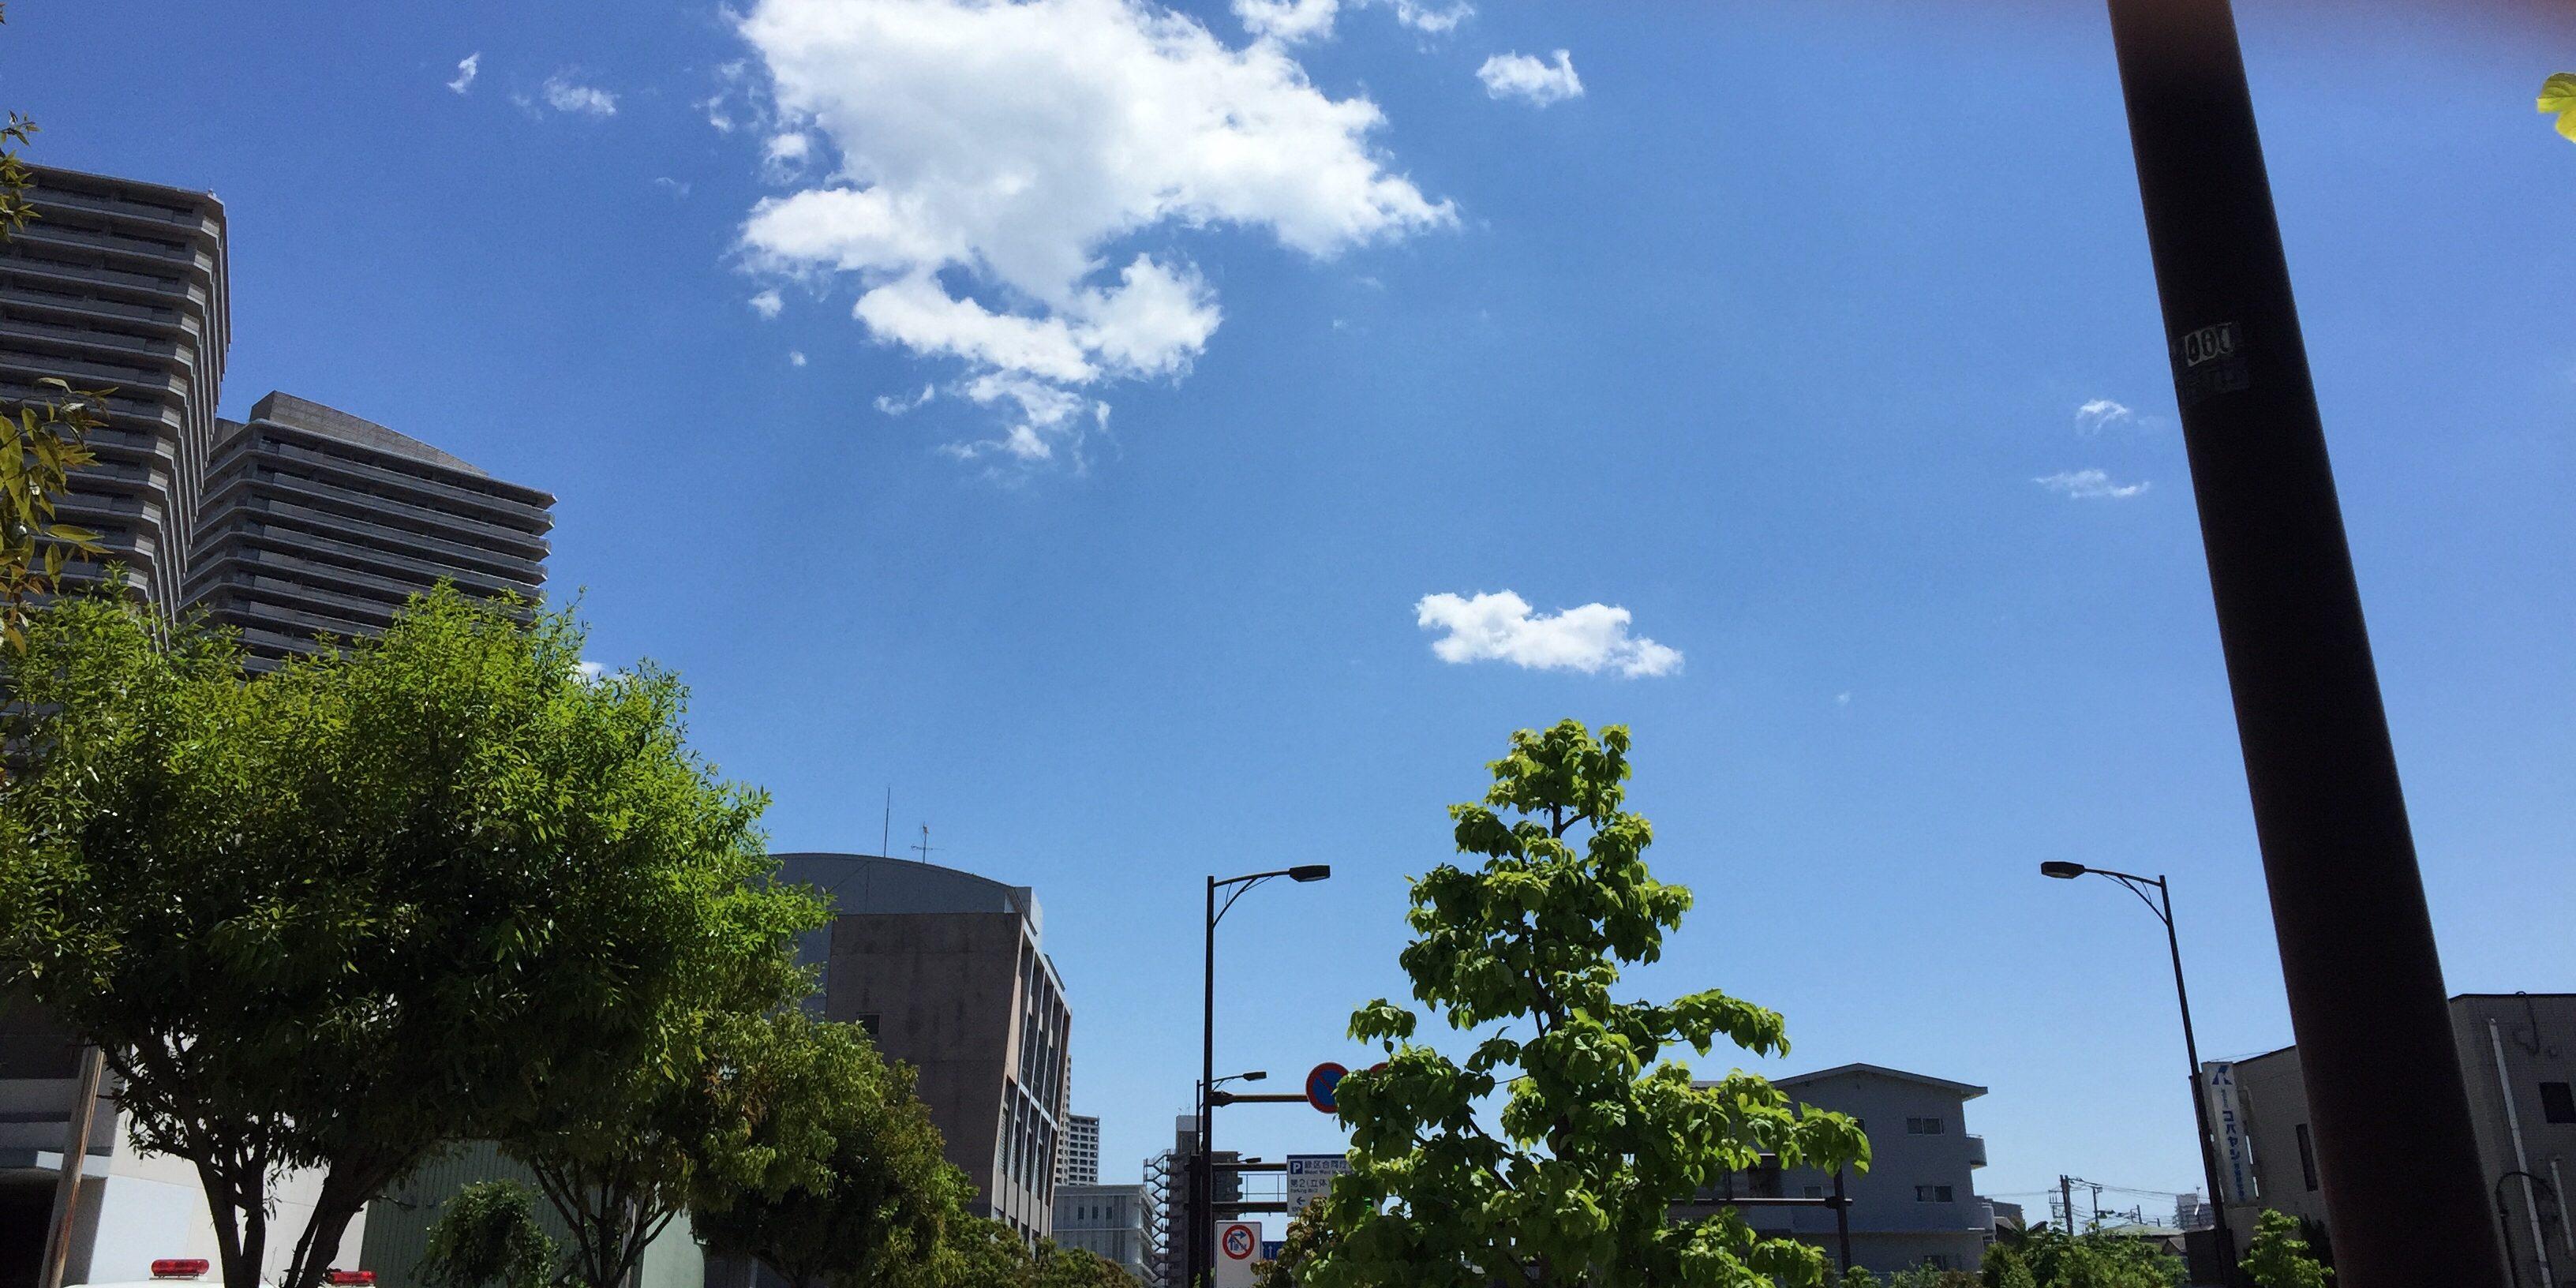 相模原・町田・八王子で自然素材の健康住宅を提供する相陽建設、この日は清々しい青空に恵まれました